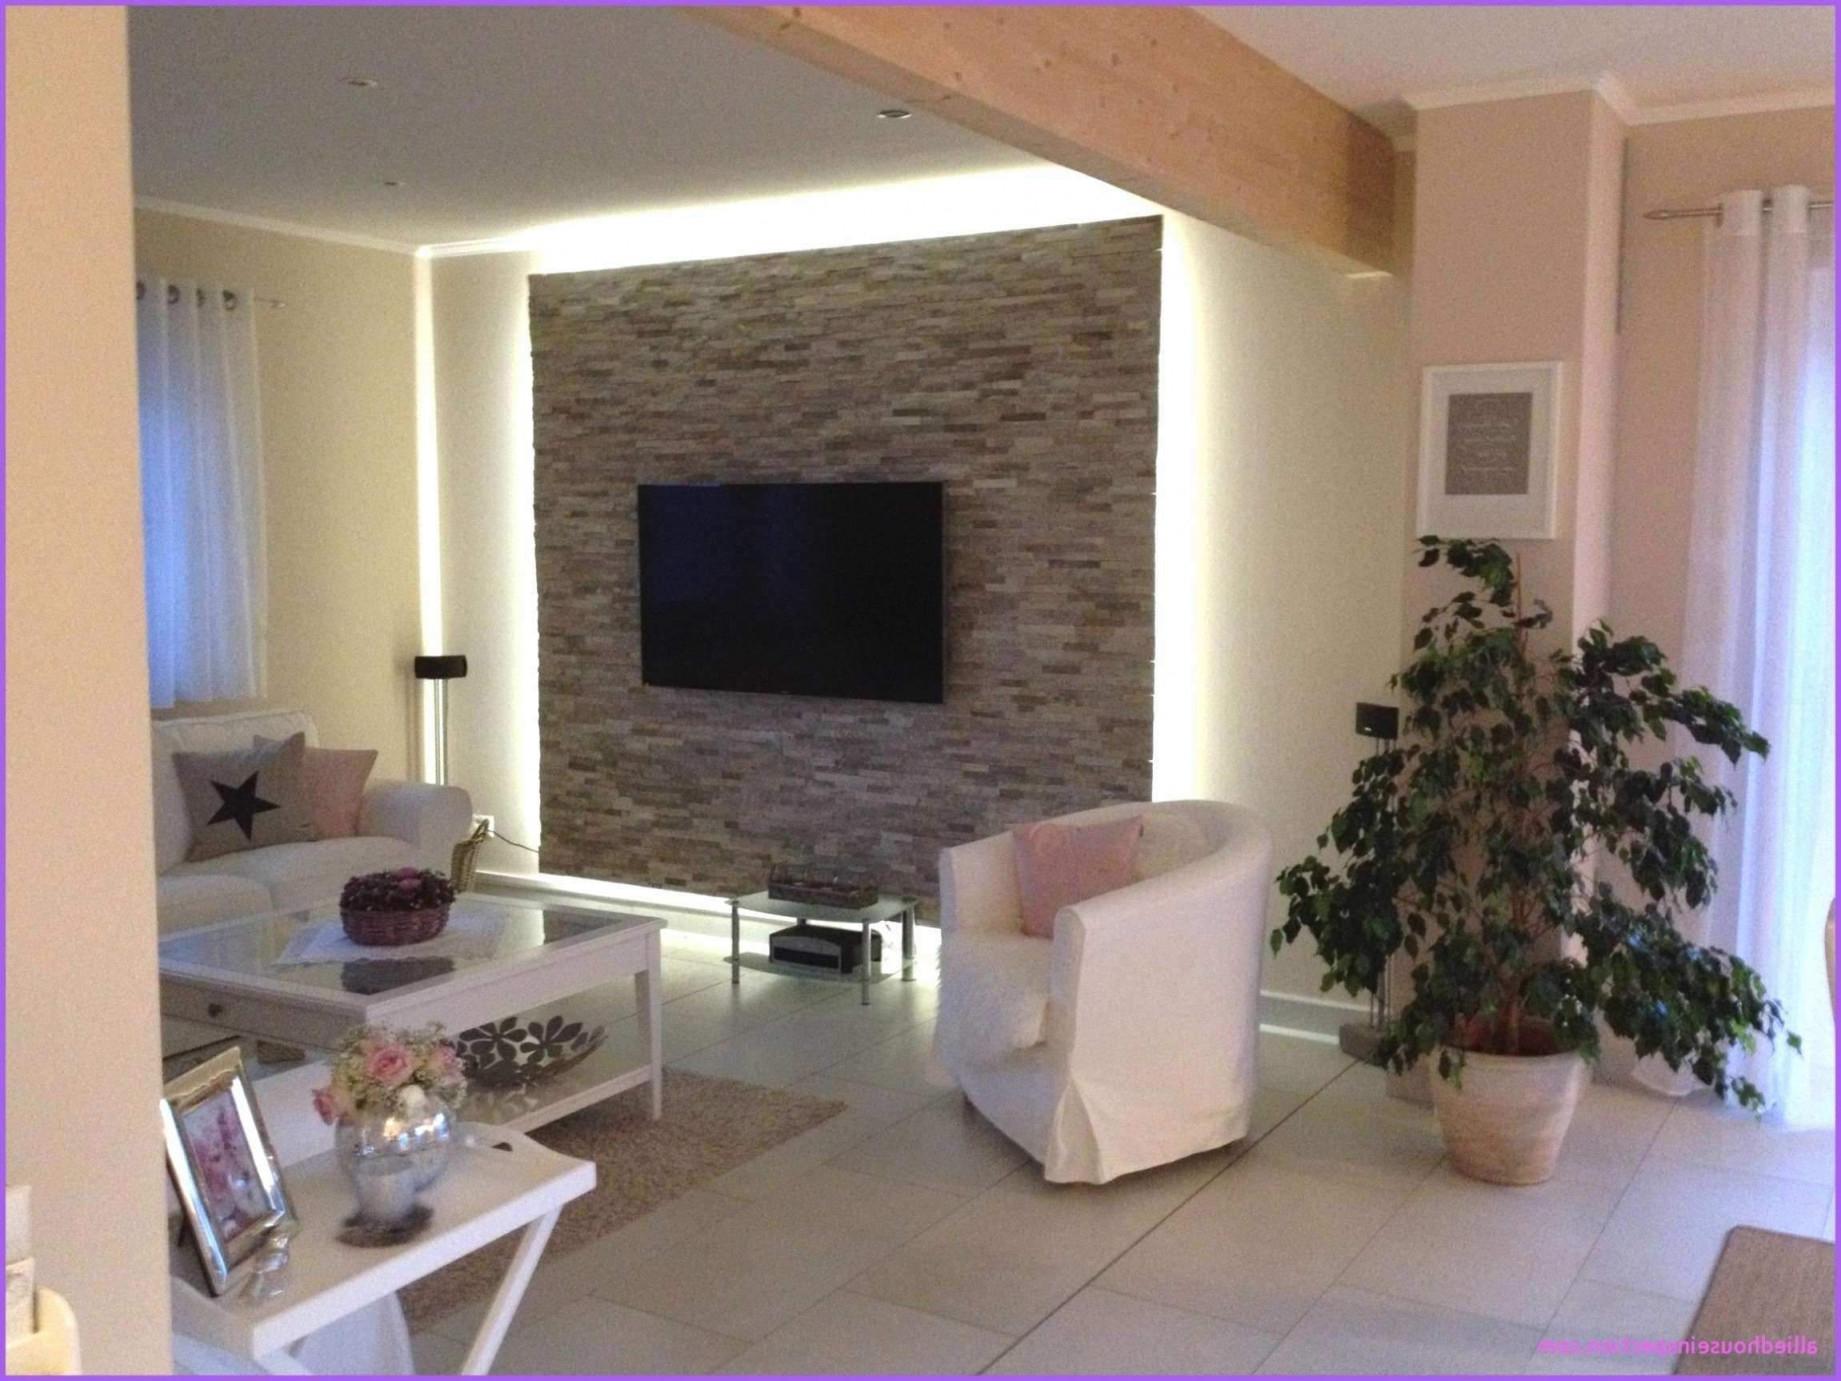 Wohnzimmer Farblich Gestalten Schön Neu Wohnzimmer Decken von Wohnzimmer Farbig Gestalten Bild